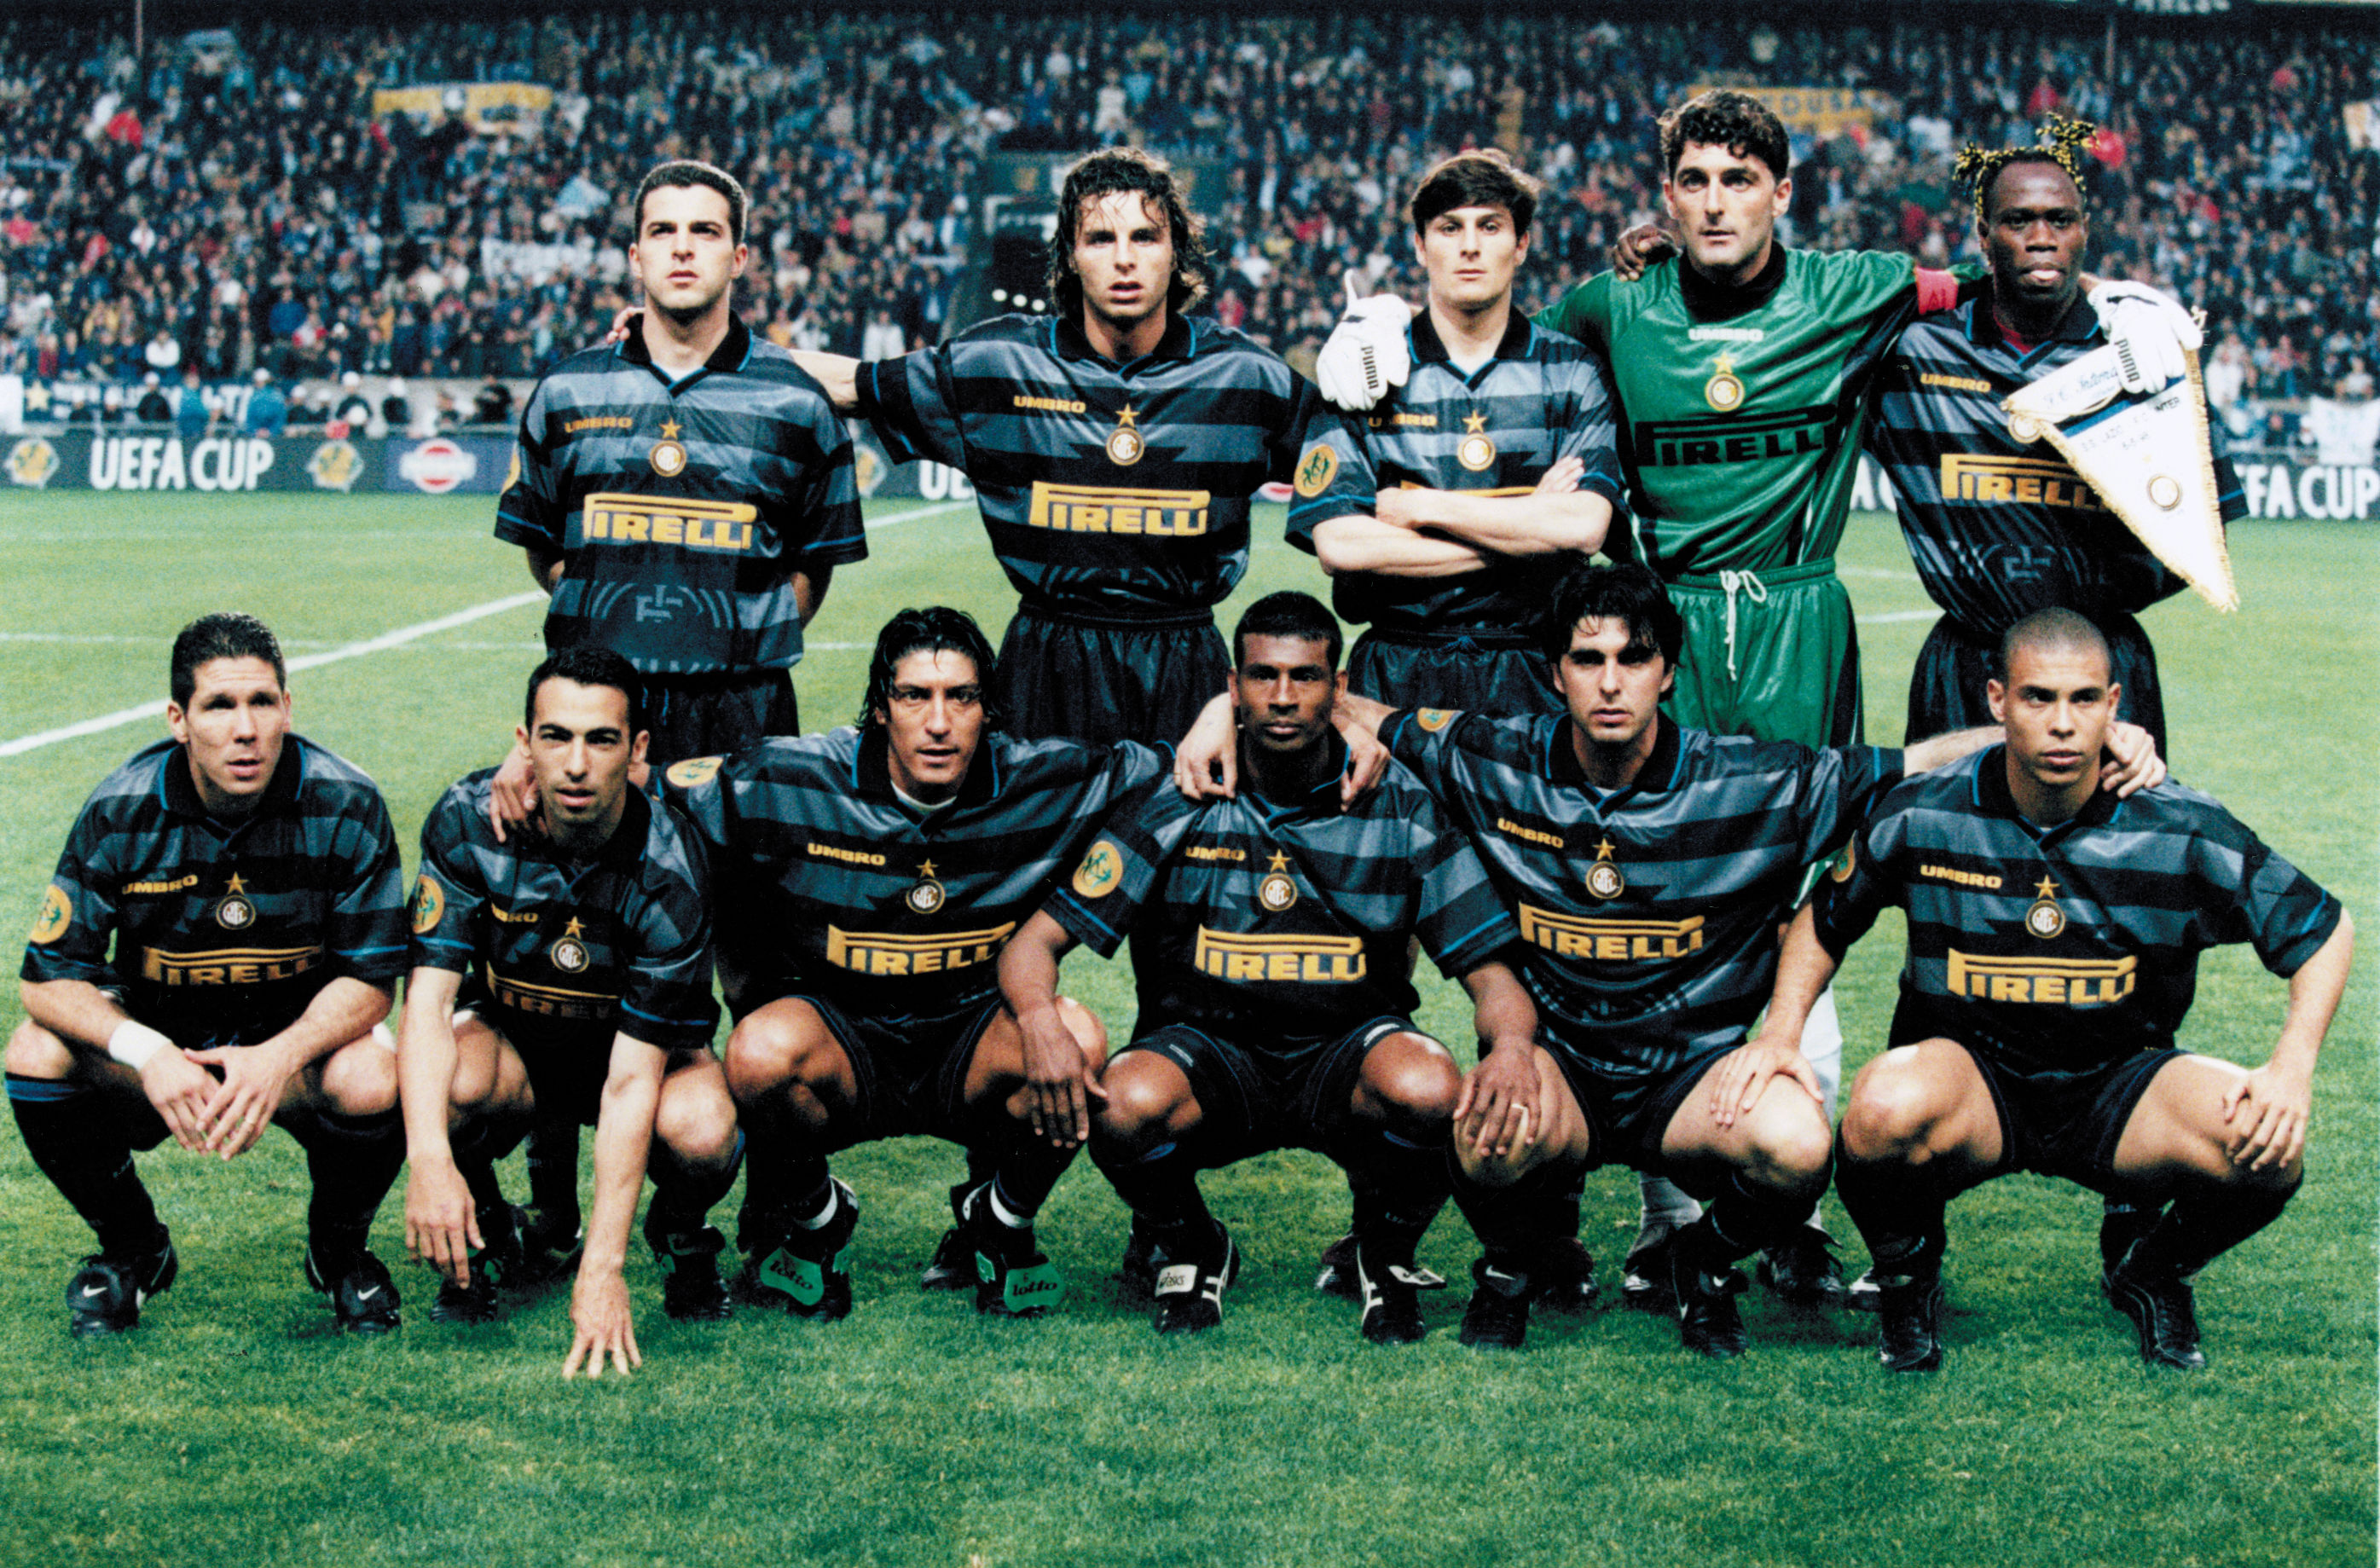 Chung kết UEFA Cup 1998 Inter vs Lazio Ronaldo tỏa sáng hình ảnh